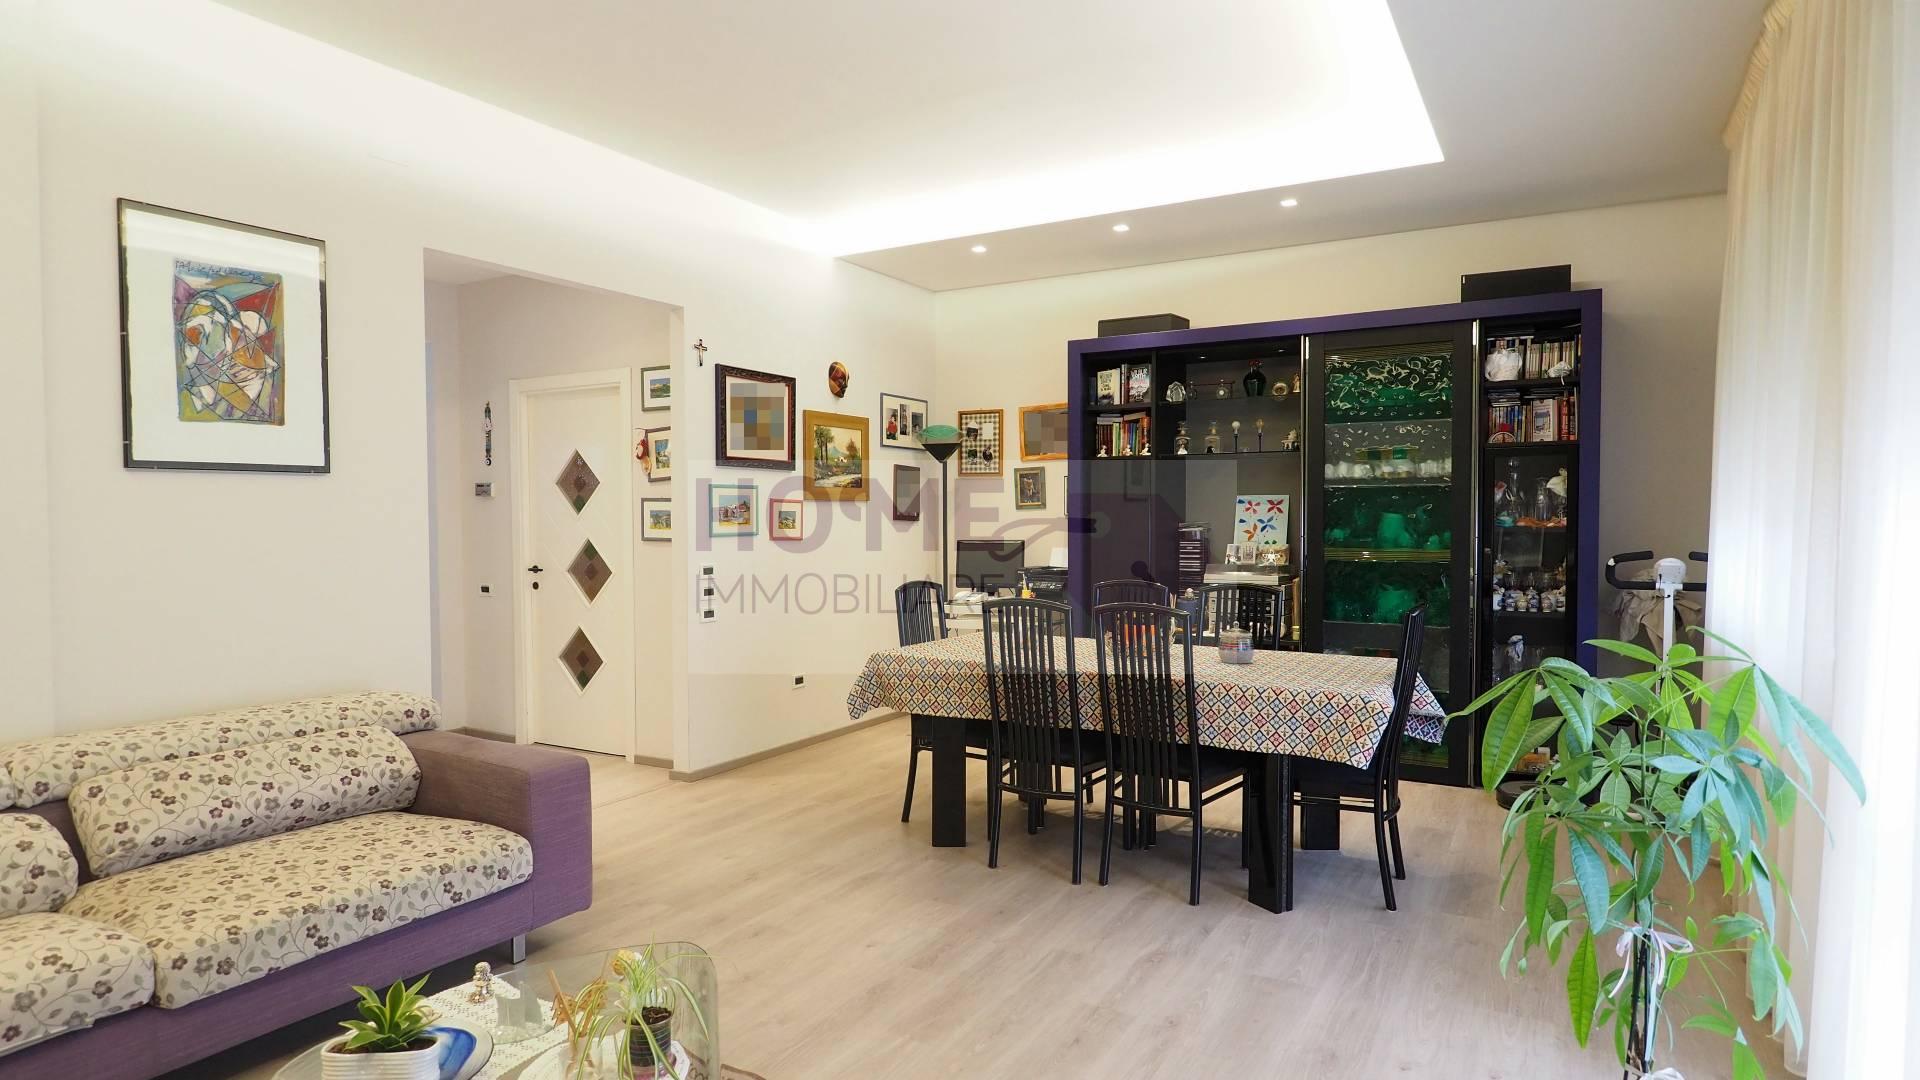 macerata vendita quart: zona centrale home-immobiliare-srl